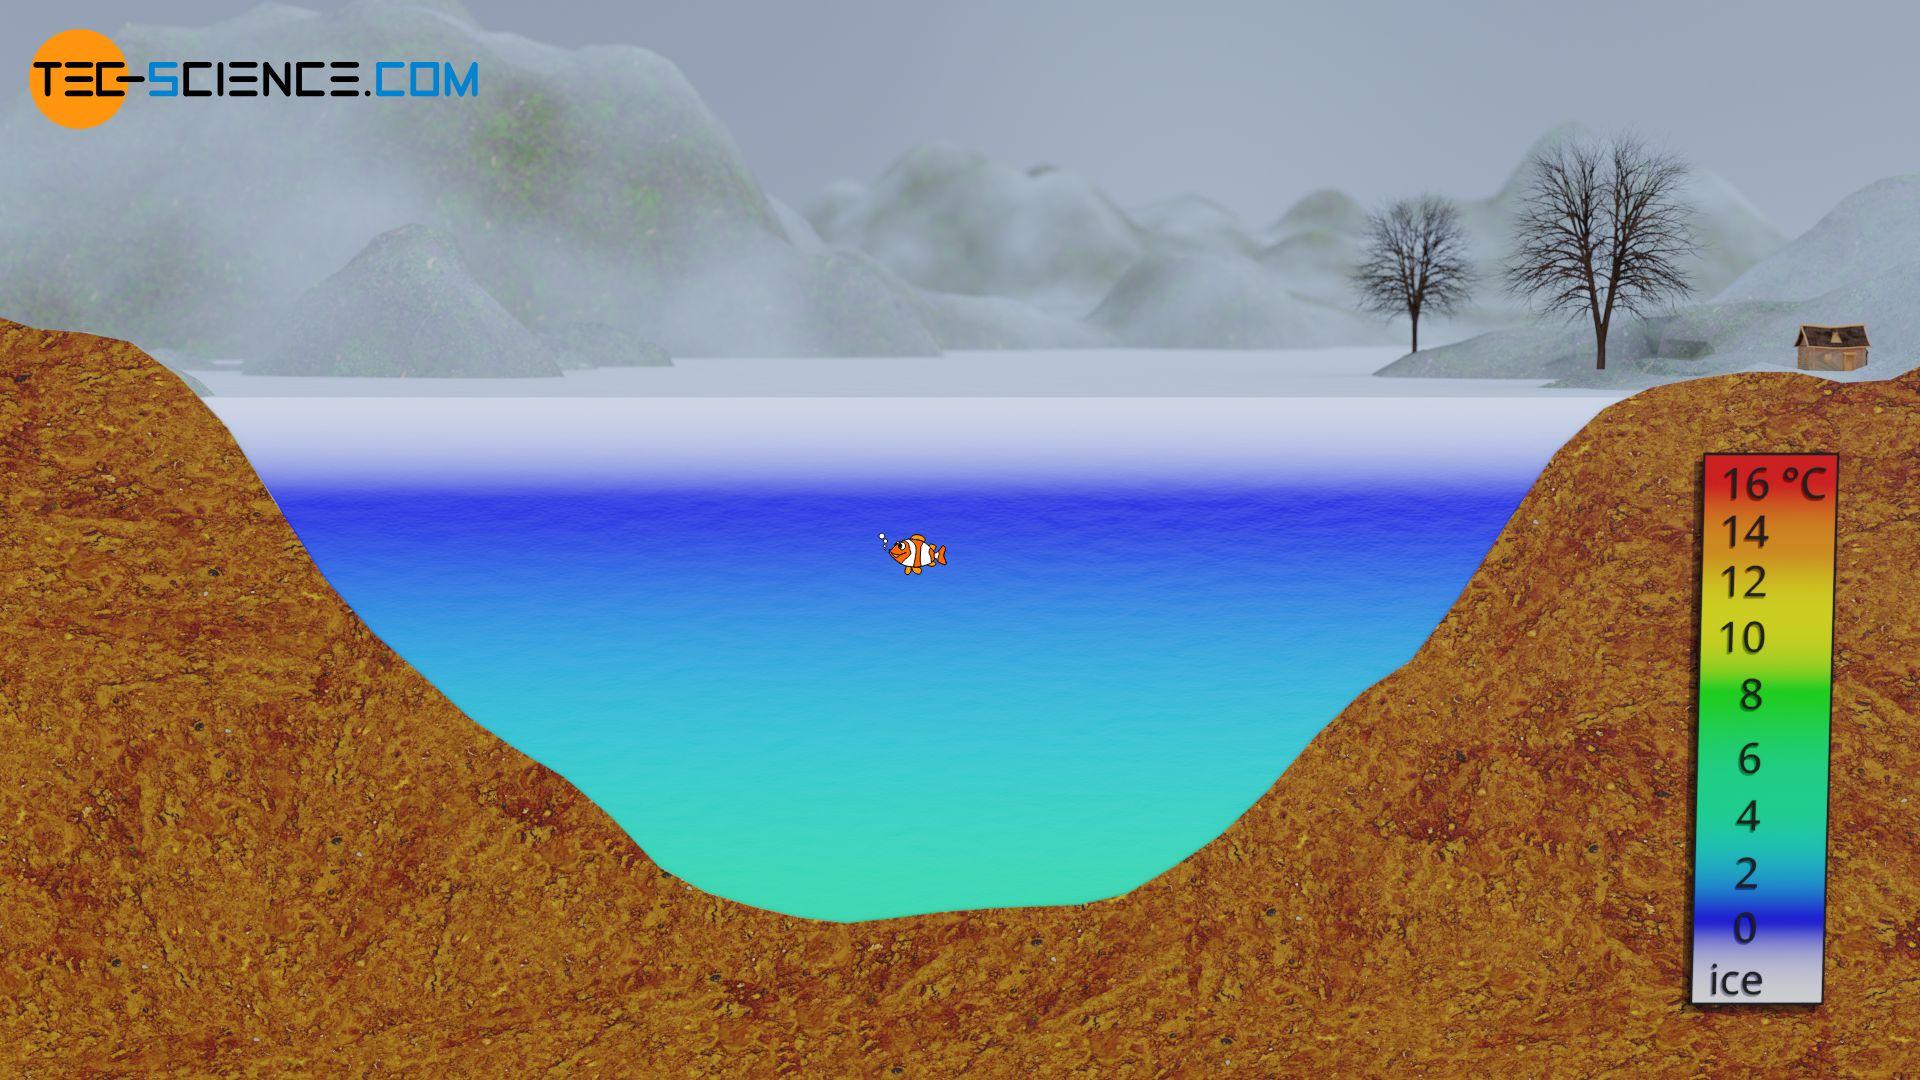 Temperaturschichtung eines Sees im Winter